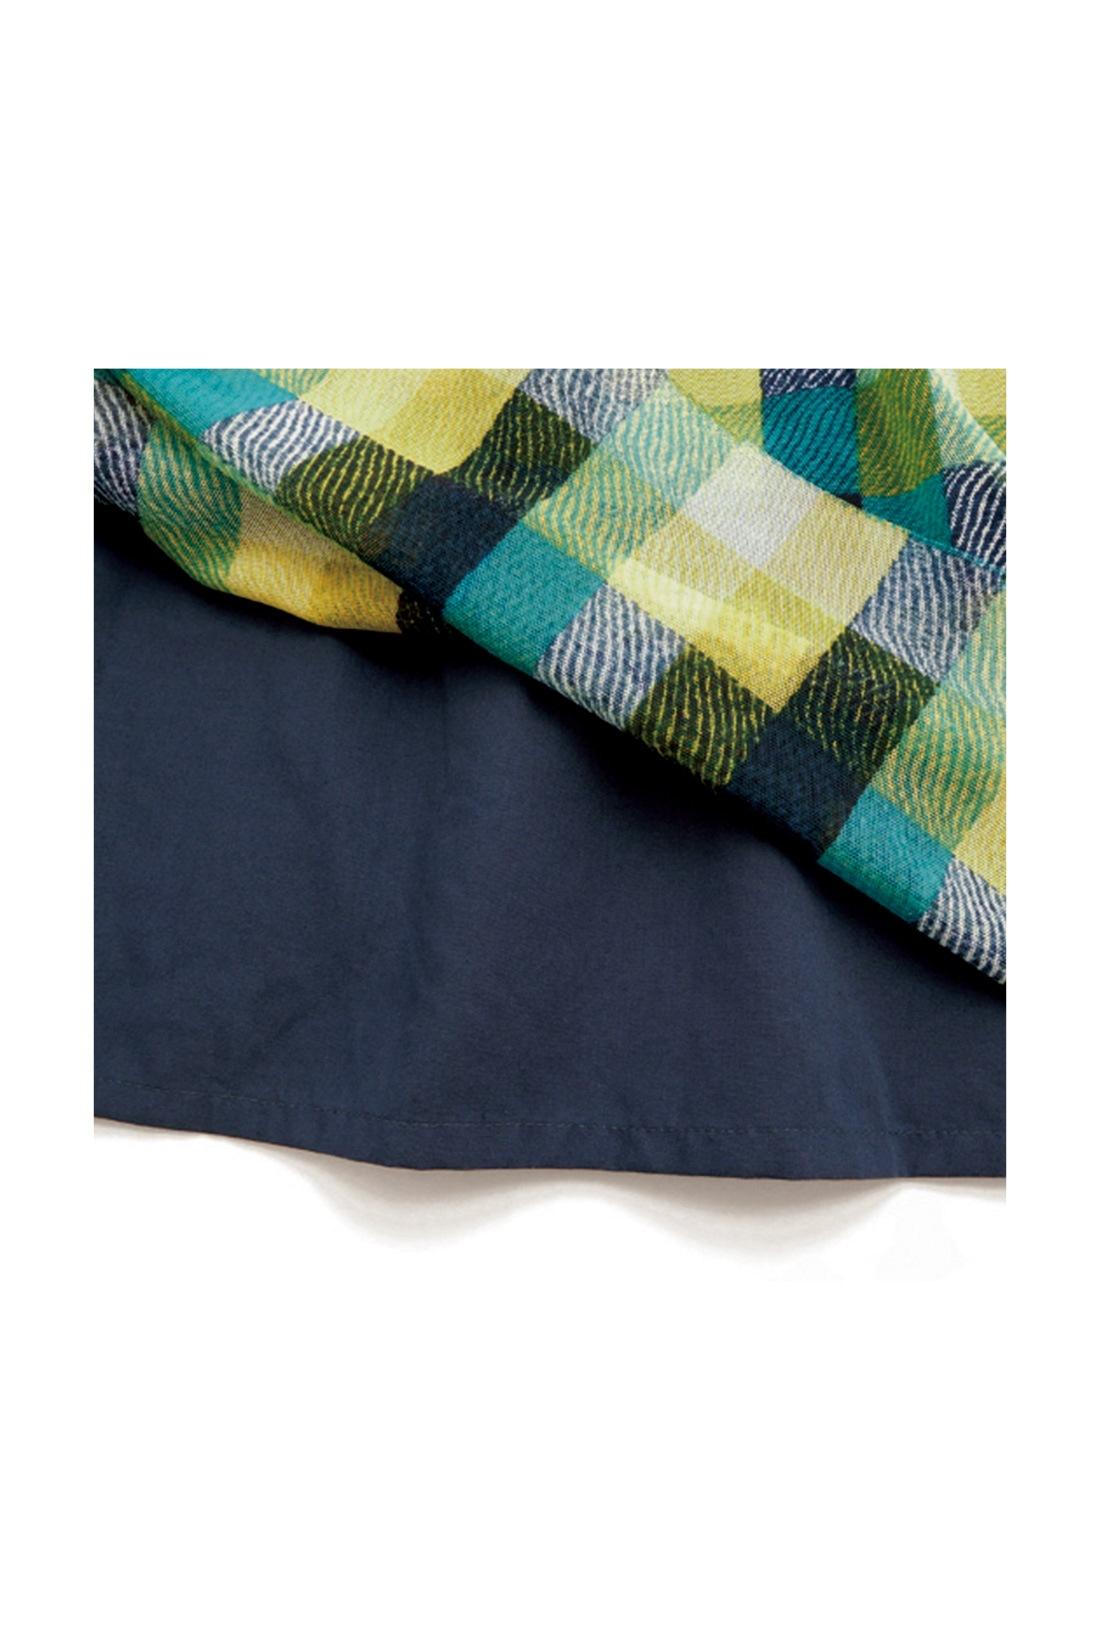 【裏地は布はく素材。】 やわらかなチュールがいい感じのボリュームになるように、裏地にはややハリのある布はく素材を選んでいます。 ※お届けするカラーとは異なります。